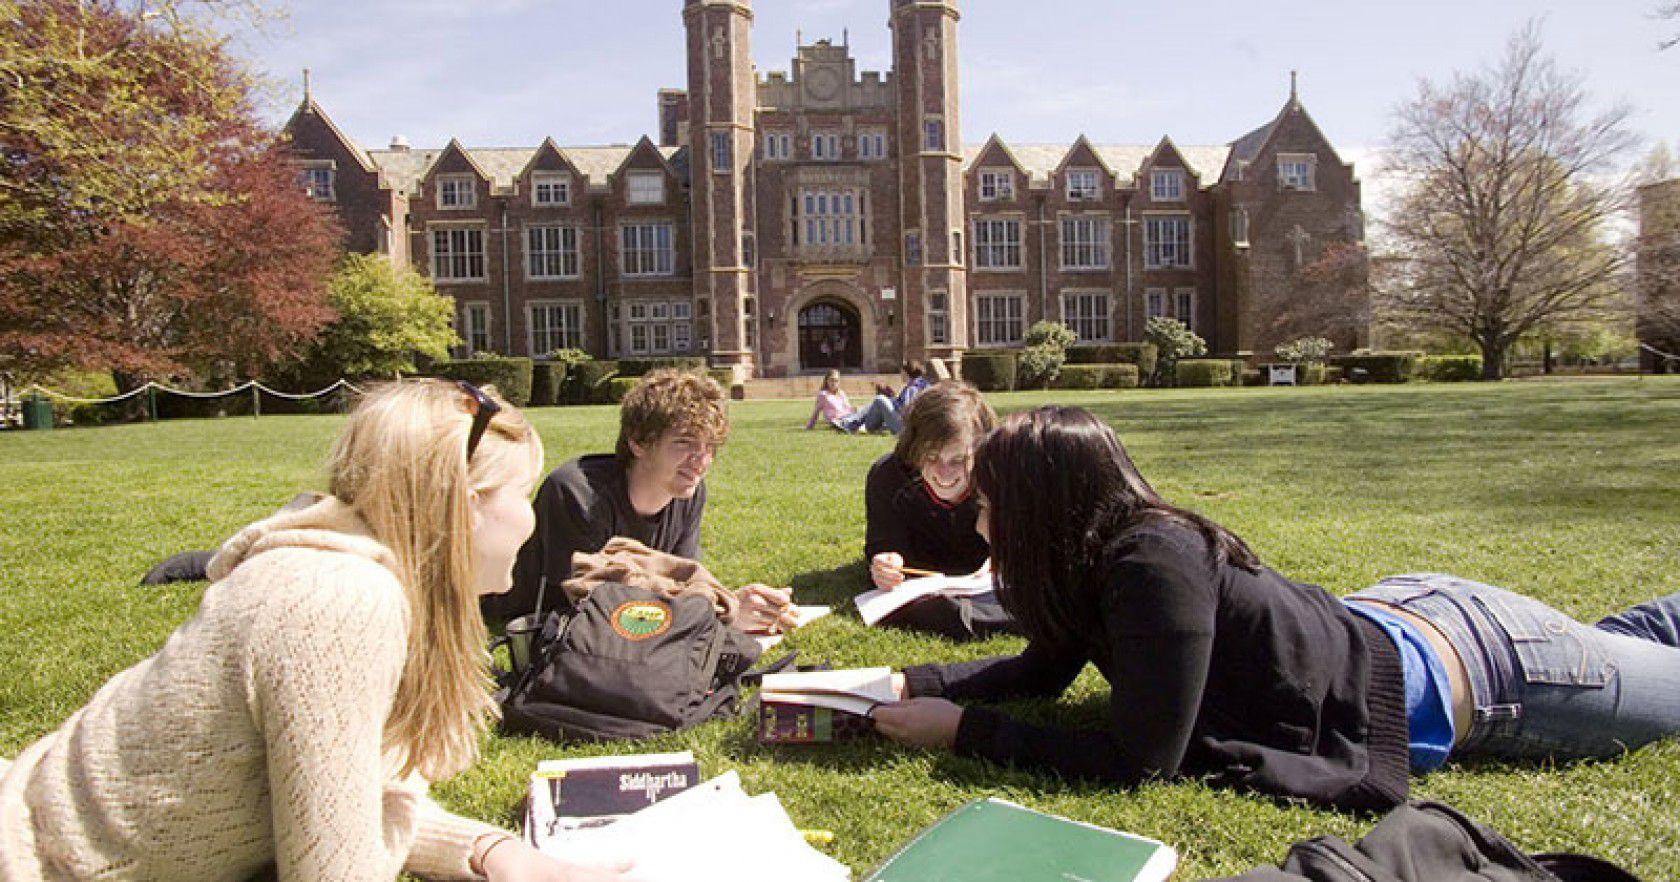 İngiltere Kolej Fiyatları Ve İçine Dâhil Olan Hizmetler Nelerdir?